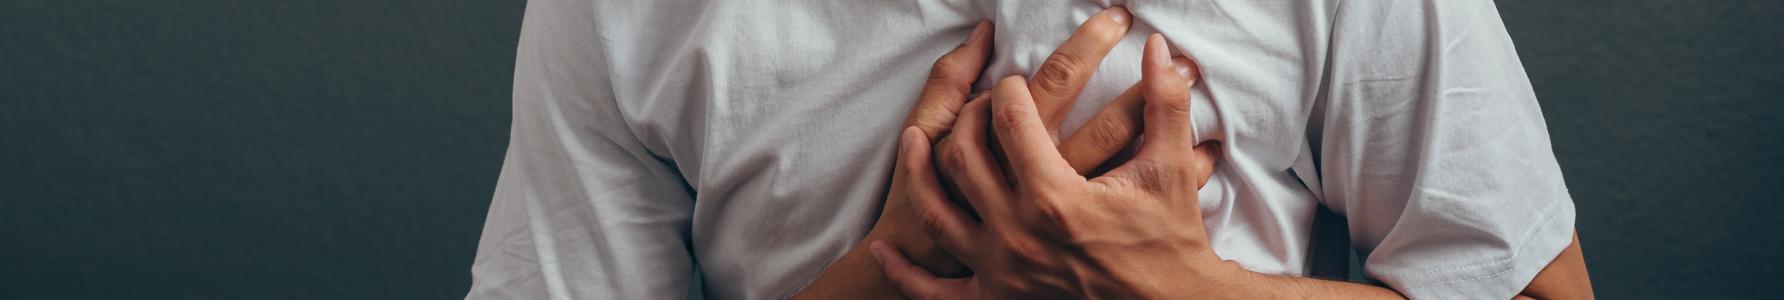 Młody mężczyzna z bólem klatki piersiowej.